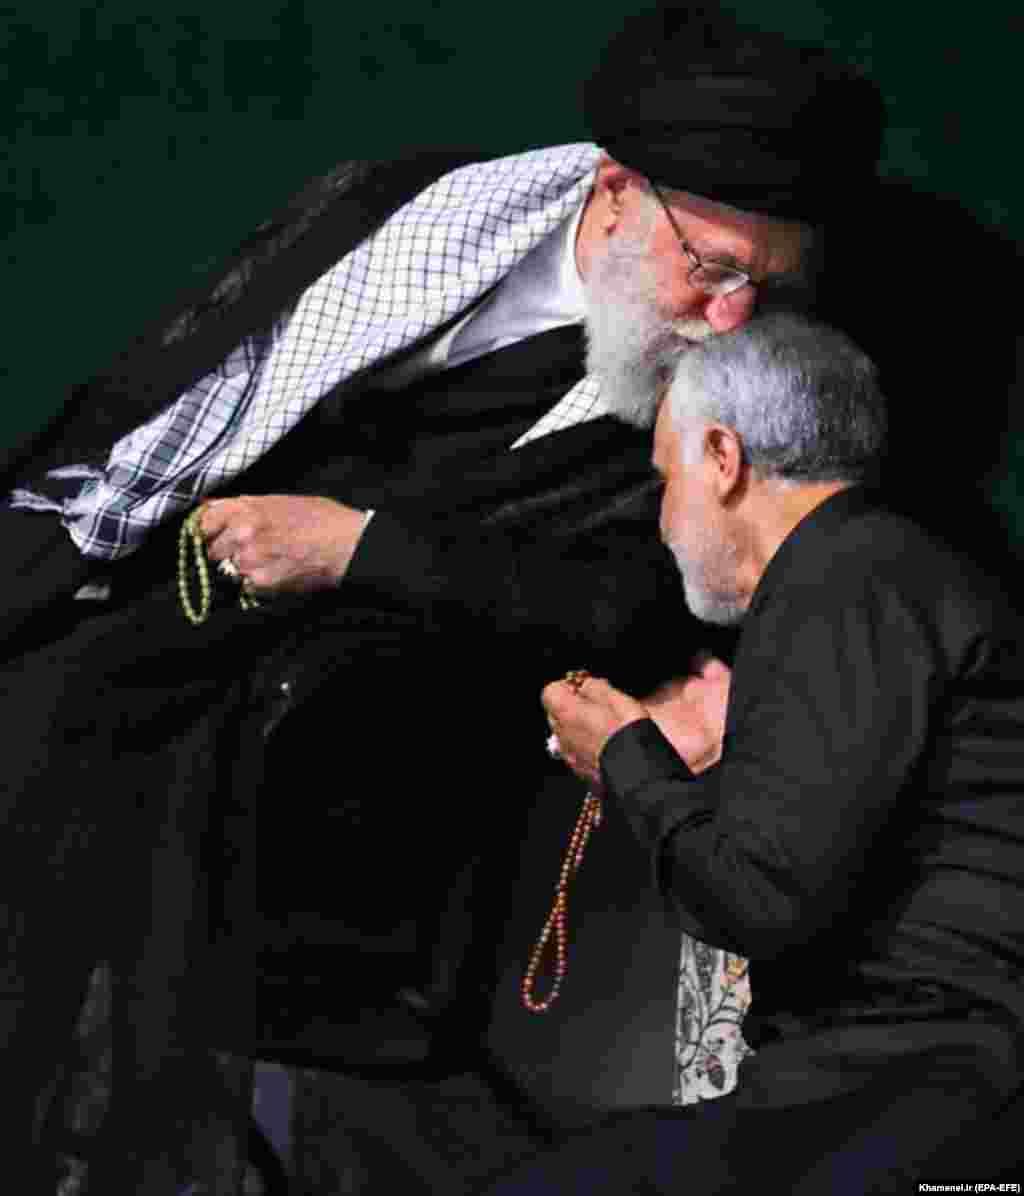 """Касем Сулеймани возглавил """"Аль-Кудс"""" в 1988 году. Эти спецчасти считаются внешнеполитическим подразделением Корпуса Стражей Исламской революции. Деятельность Сулеймани распространялась, например, на такие страны, как Ливан, Йемен, Сирия и Ирак, где он и был убит."""